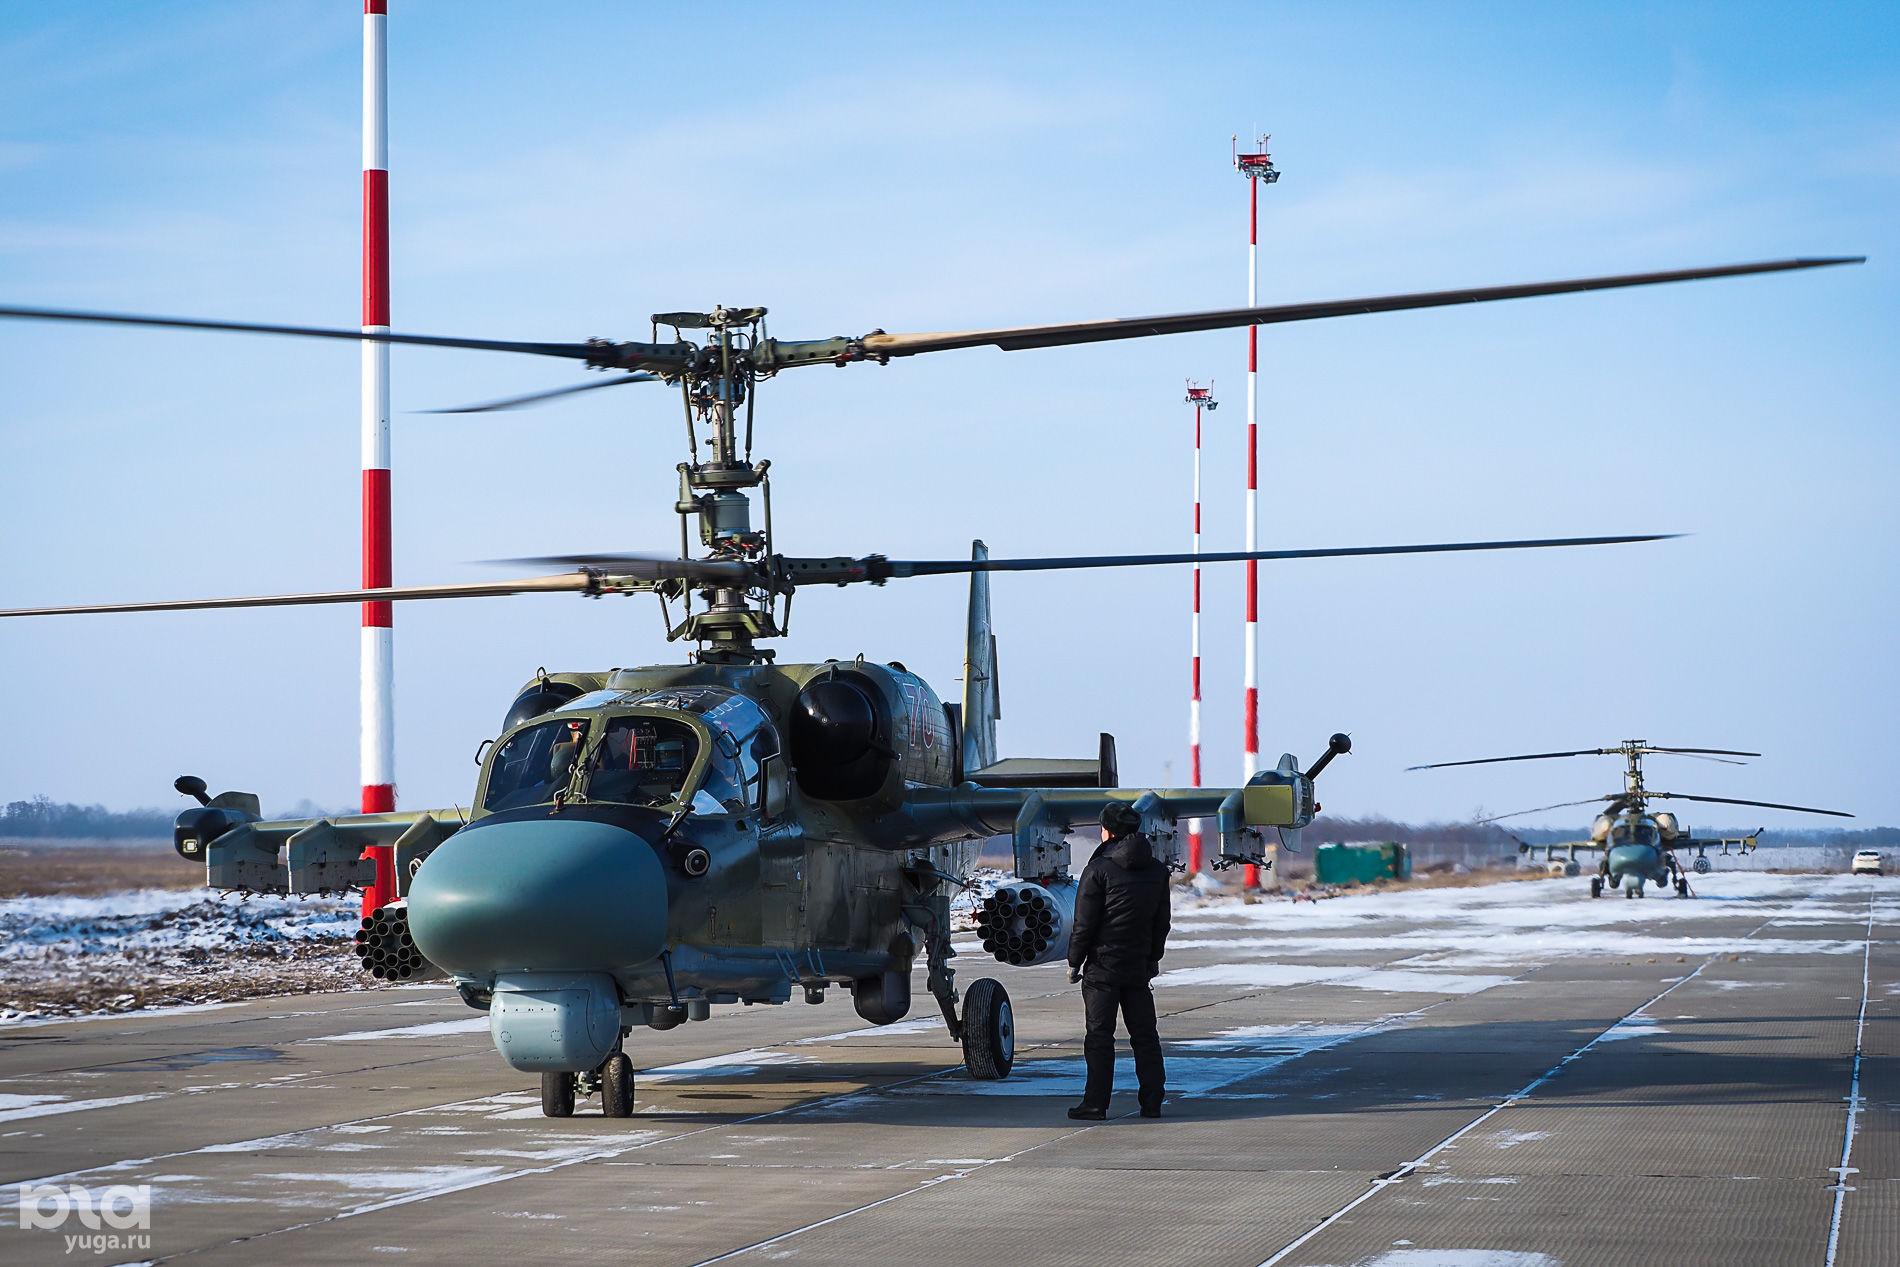 Вертолет Ка-52 «Аллигатор» на авиабазе в Кореновске ©Виталий Тимкив, Юга.ру